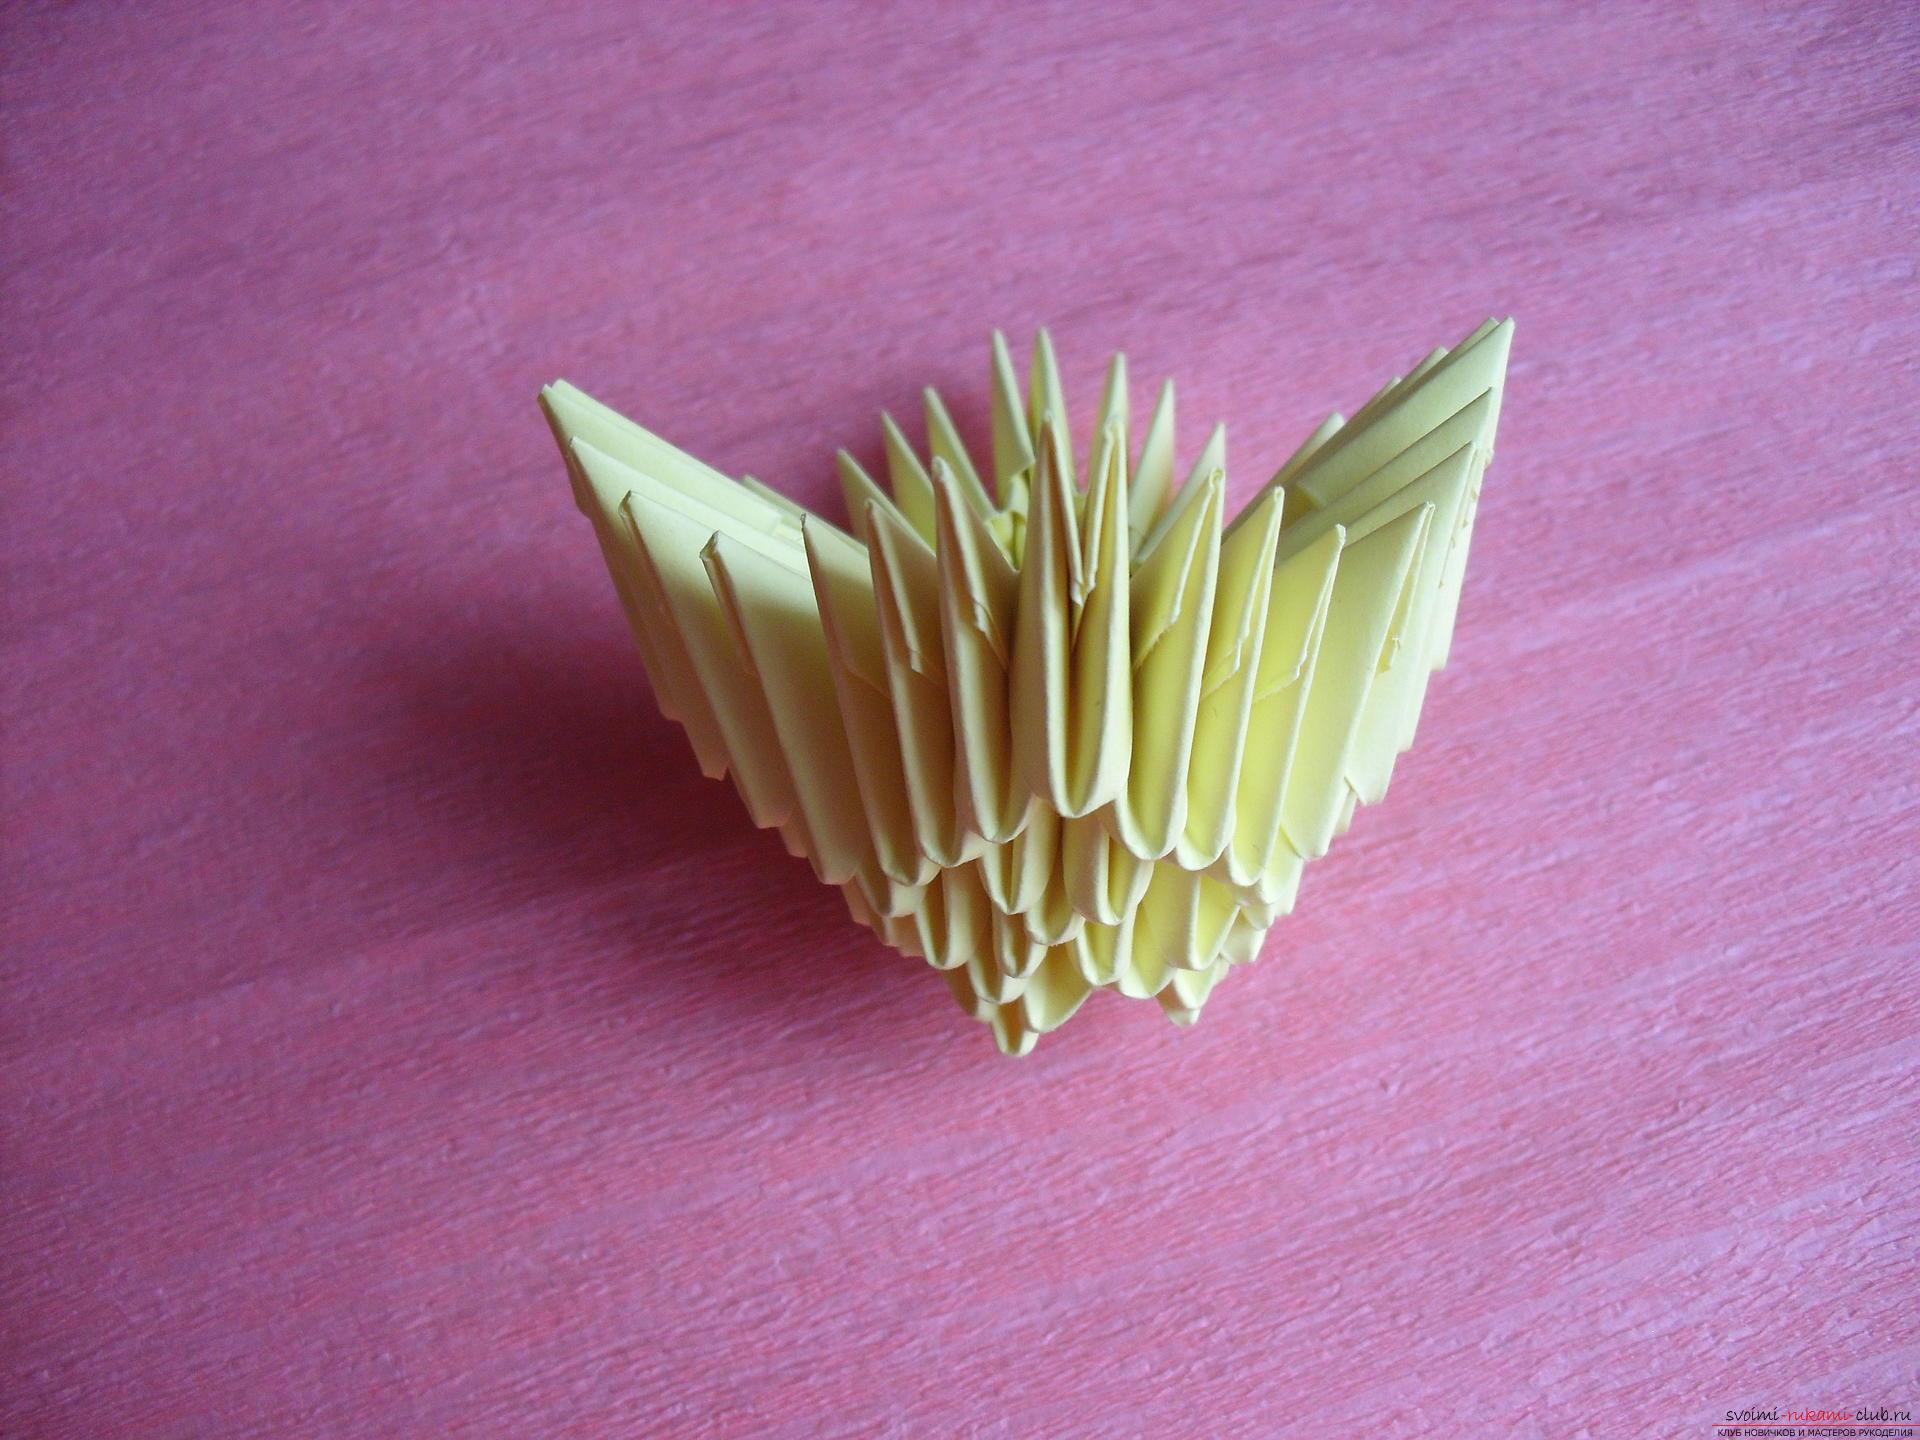 Этот мастер-класс научит как сделать вазу с тюльпанами из бумаги в технике модульного оригами.. Фото №21